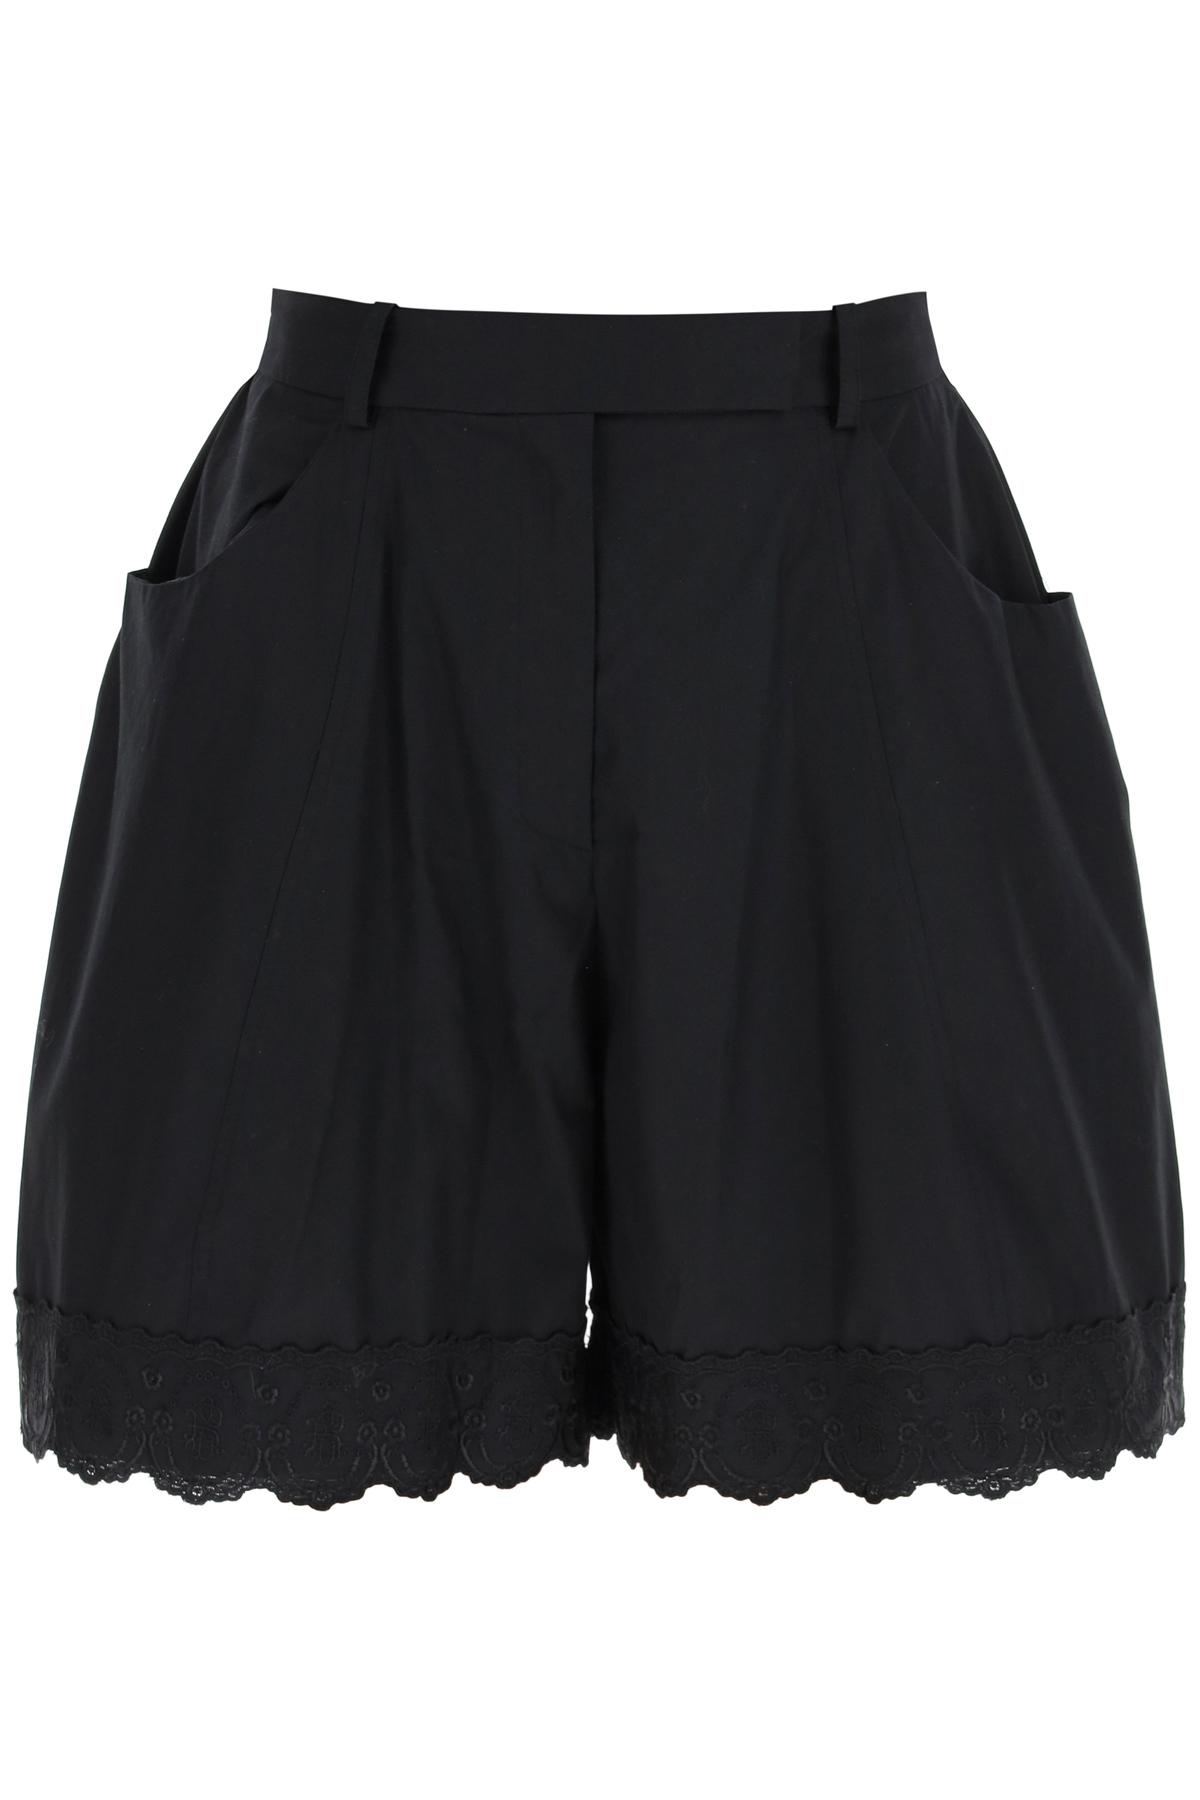 Simone rocha shorts oversize con bordo